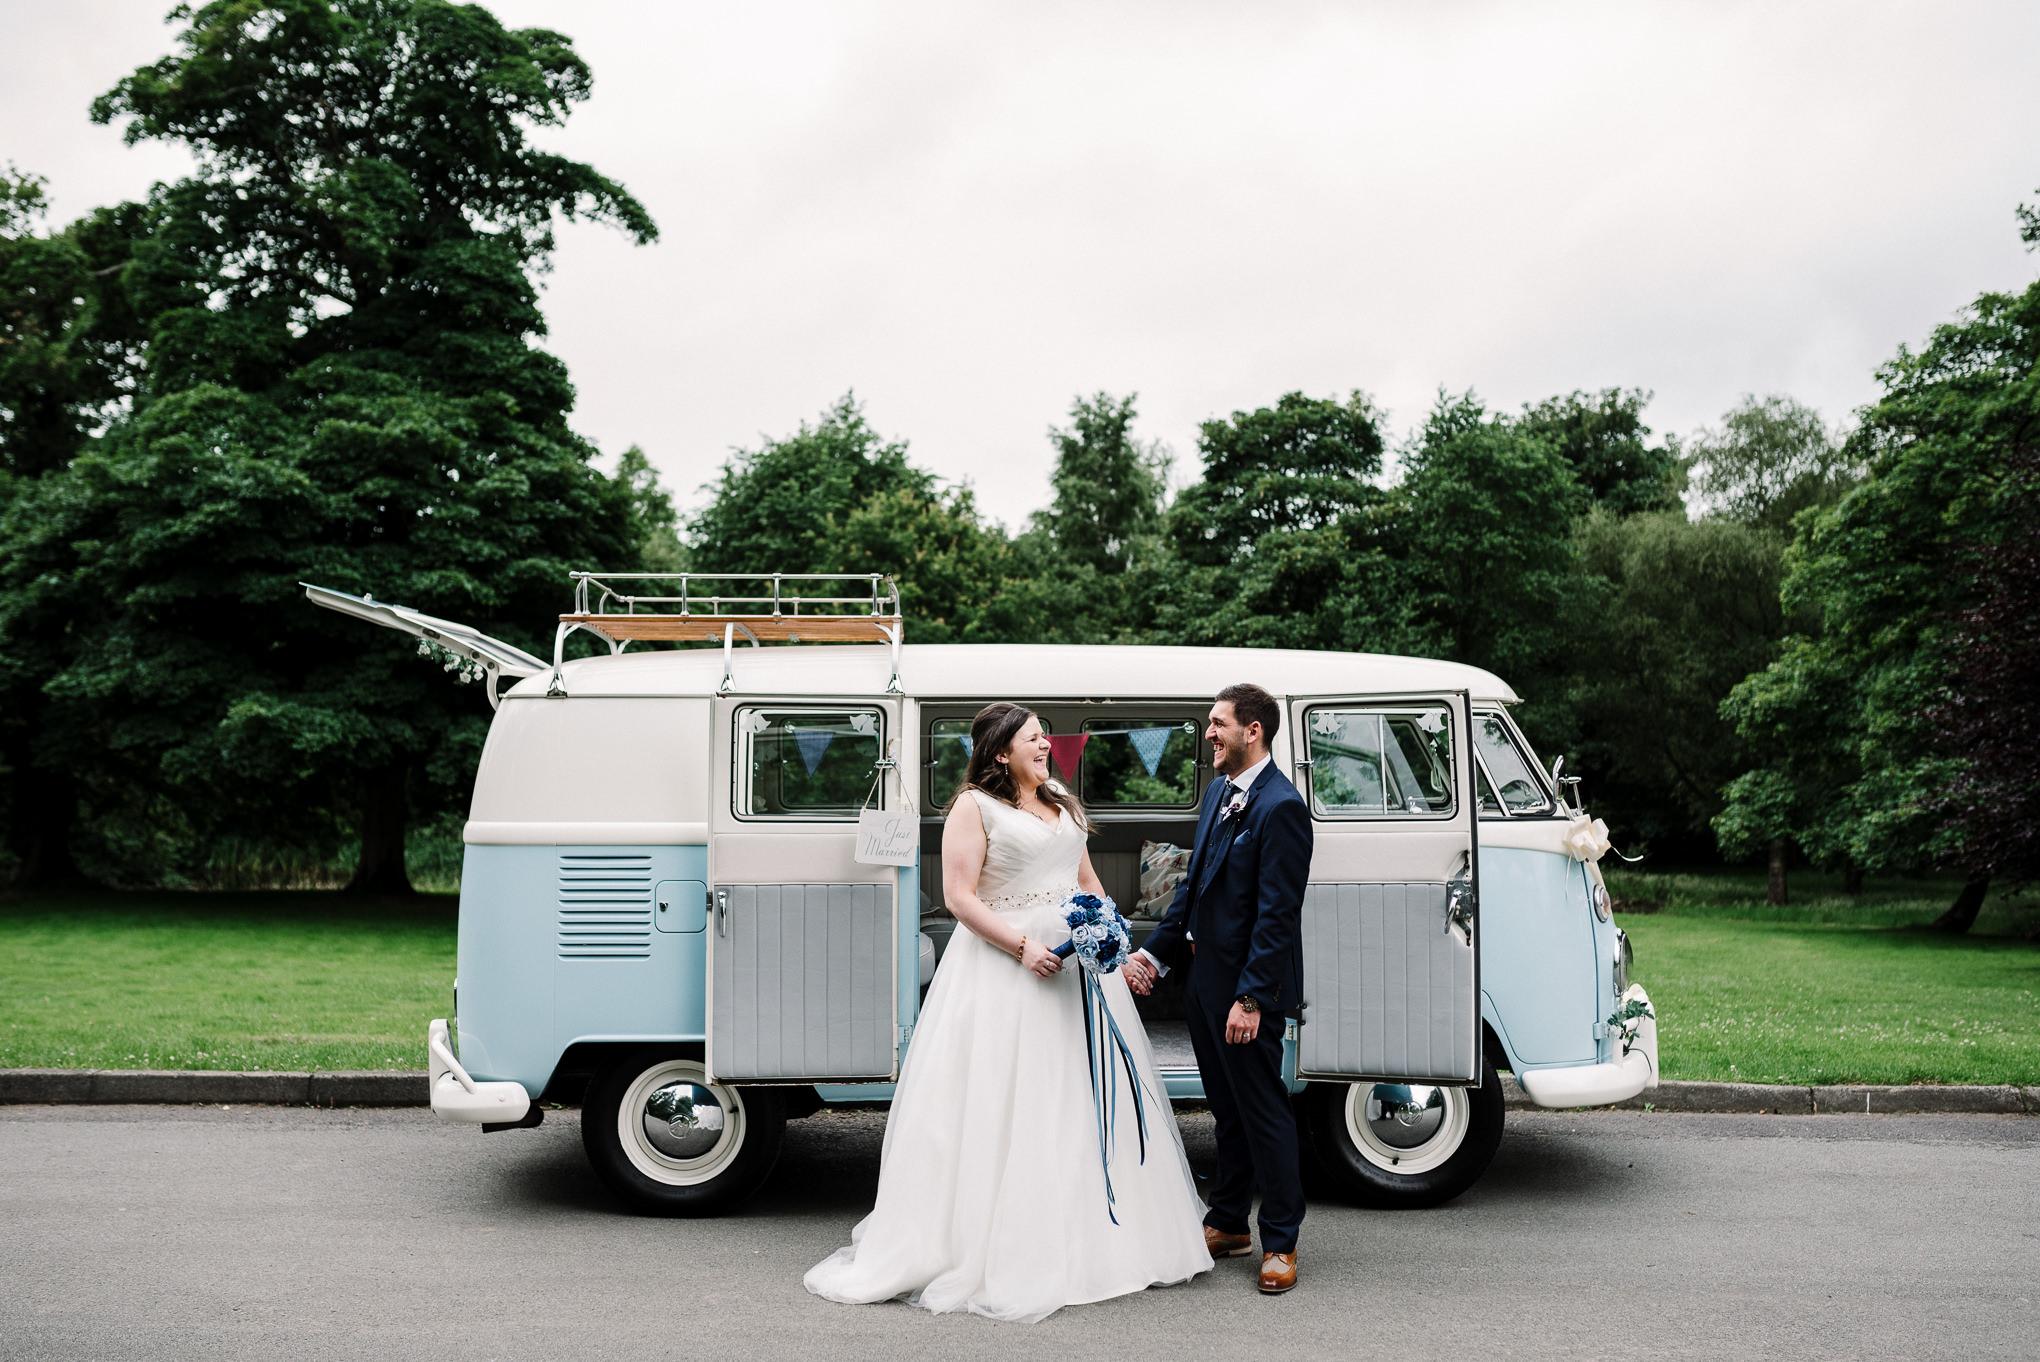 Portrait of bride and groom stood together outside of the VW camper van.